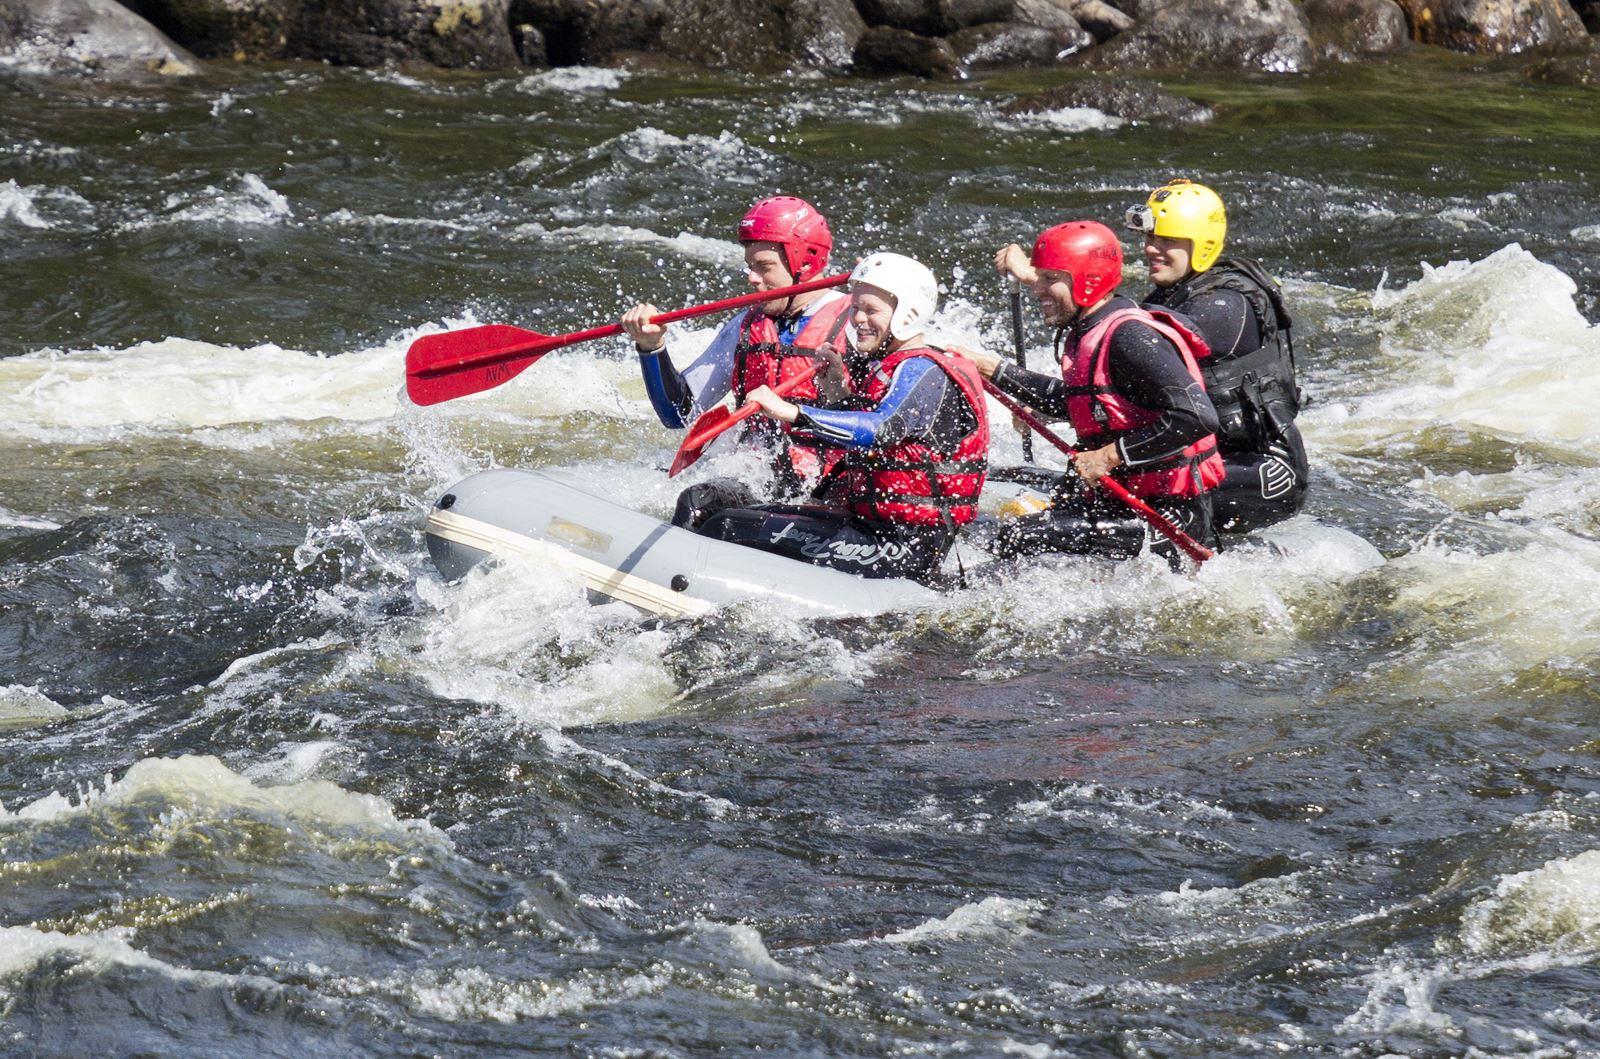 Run two wild rapids on the Vindelälven river